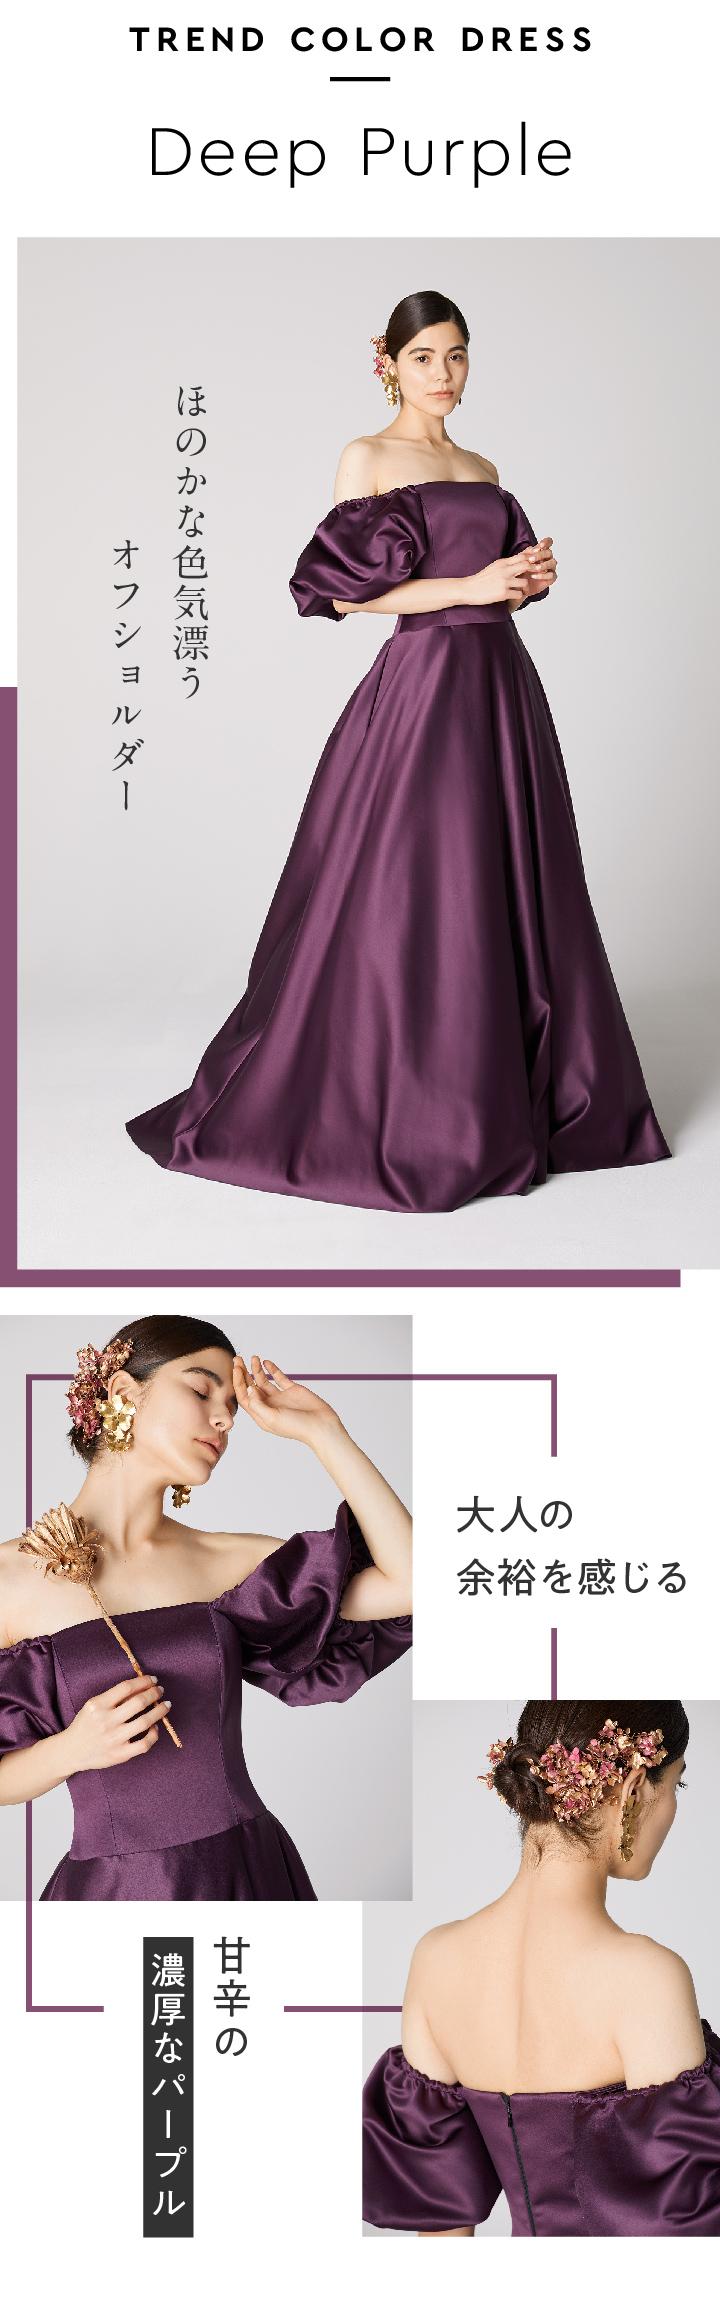 艶やかな「ディープパープル」ドレス